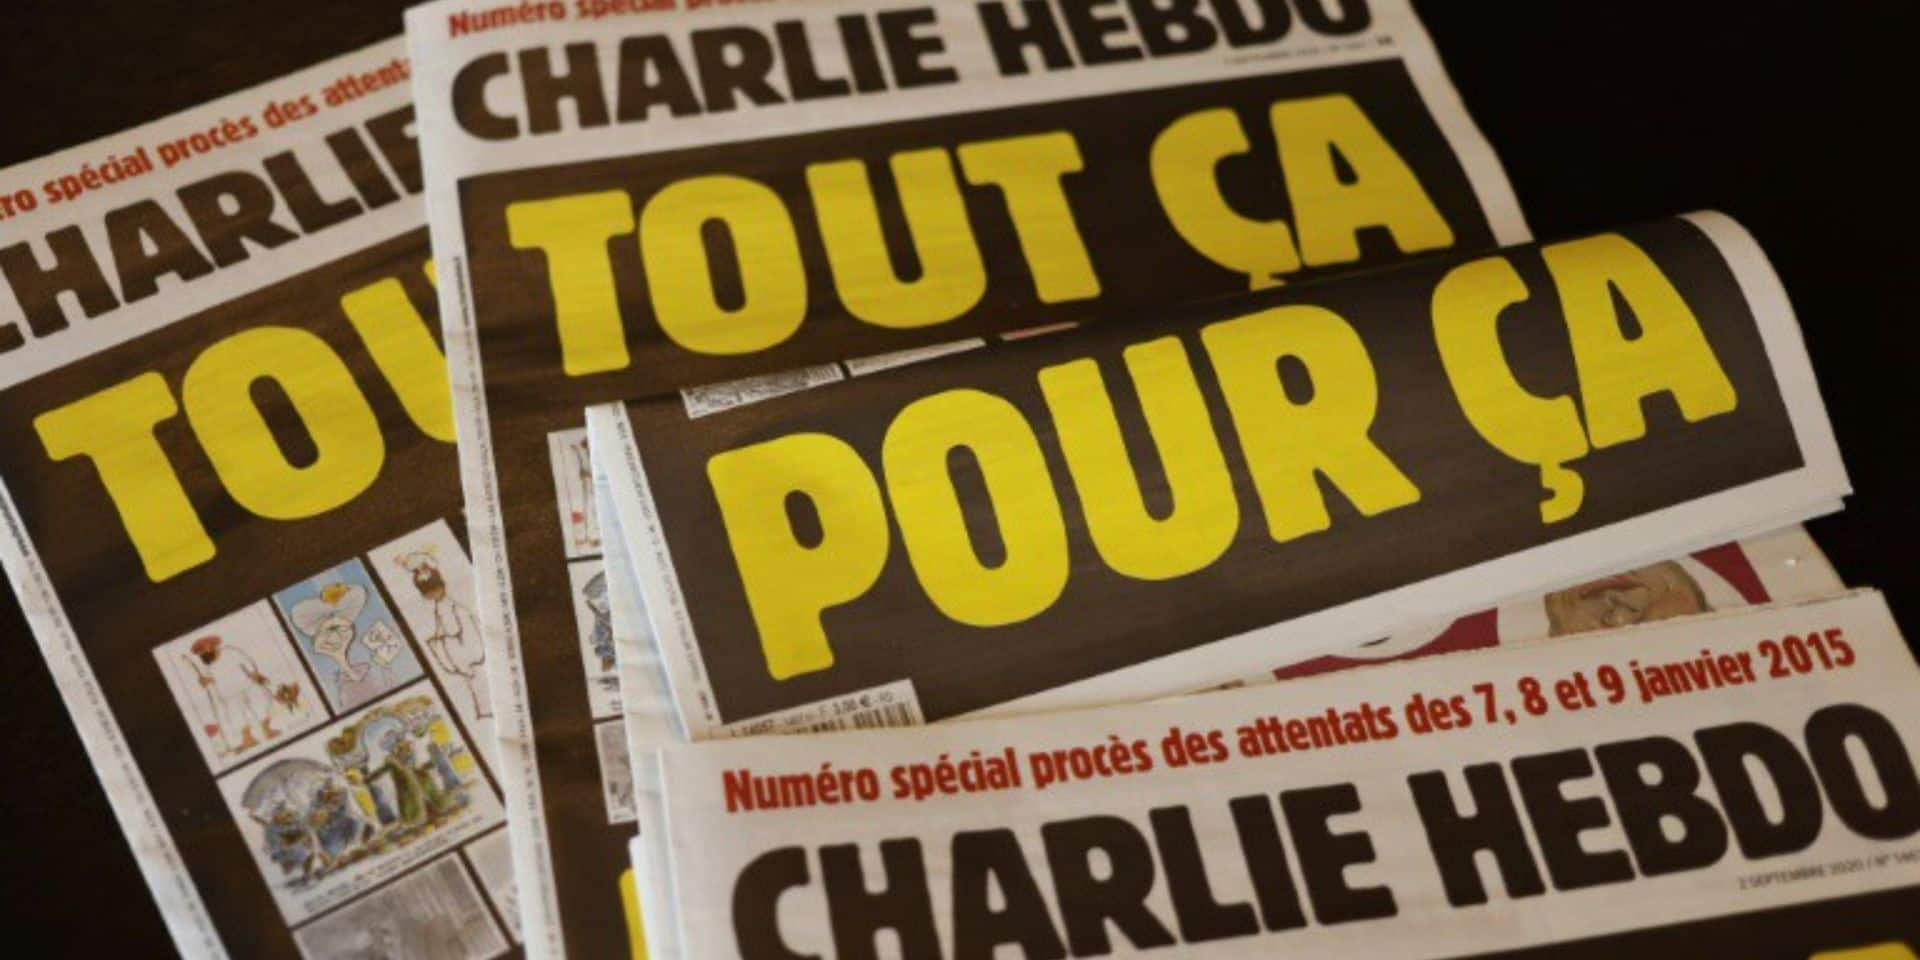 Procès des attentats Charlie Hebdo: reprise envisagée mercredi